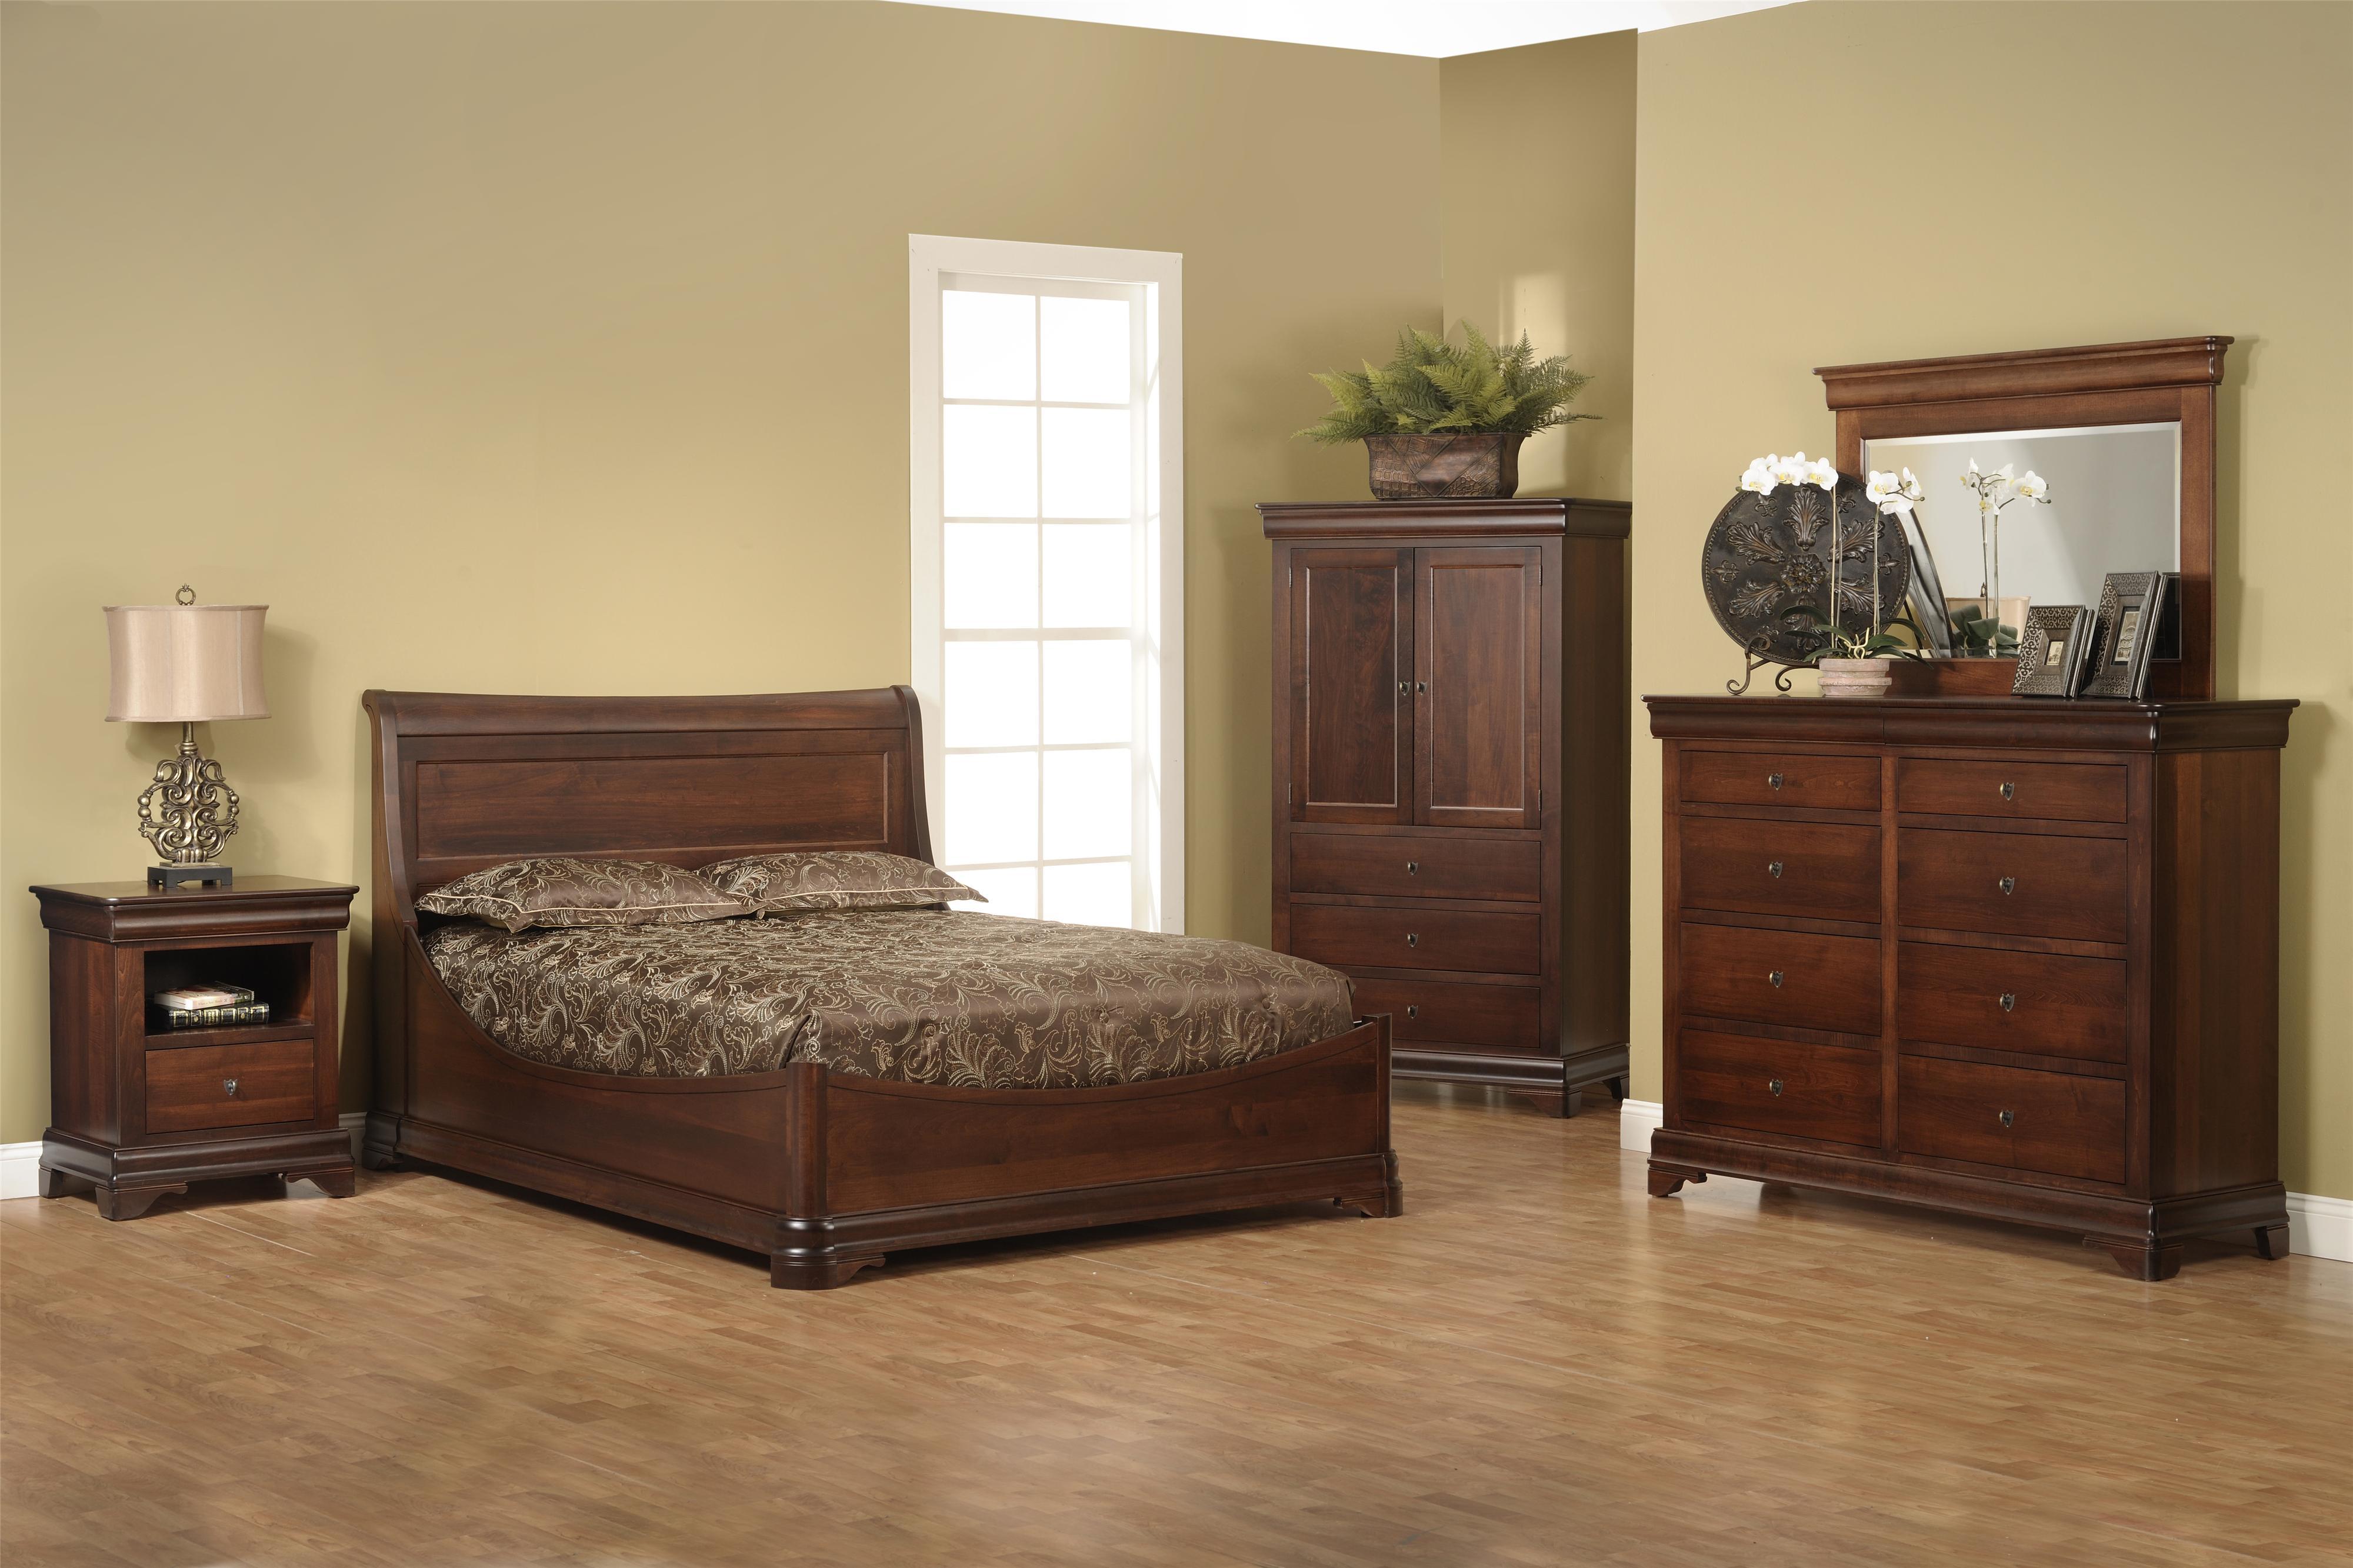 Versallies Queen Euro Bedroom Group by Millcraft at Saugerties Furniture Mart